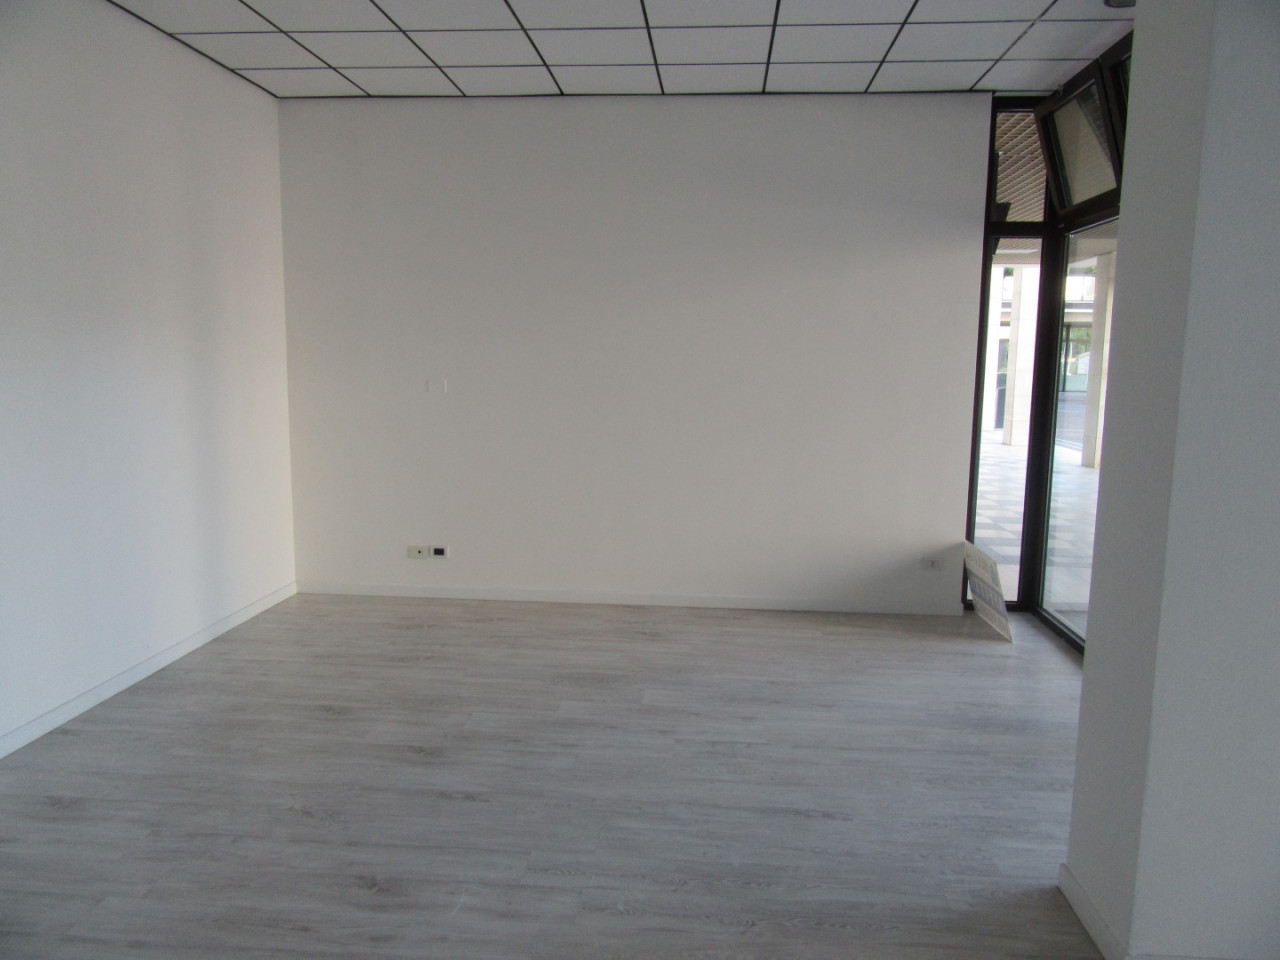 Z370 Negozio con altissima visibilità https://images.gestionaleimmobiliare.it/foto/annunci/210827/2719483/1280x1280/004__04_interno_negozio.jpg